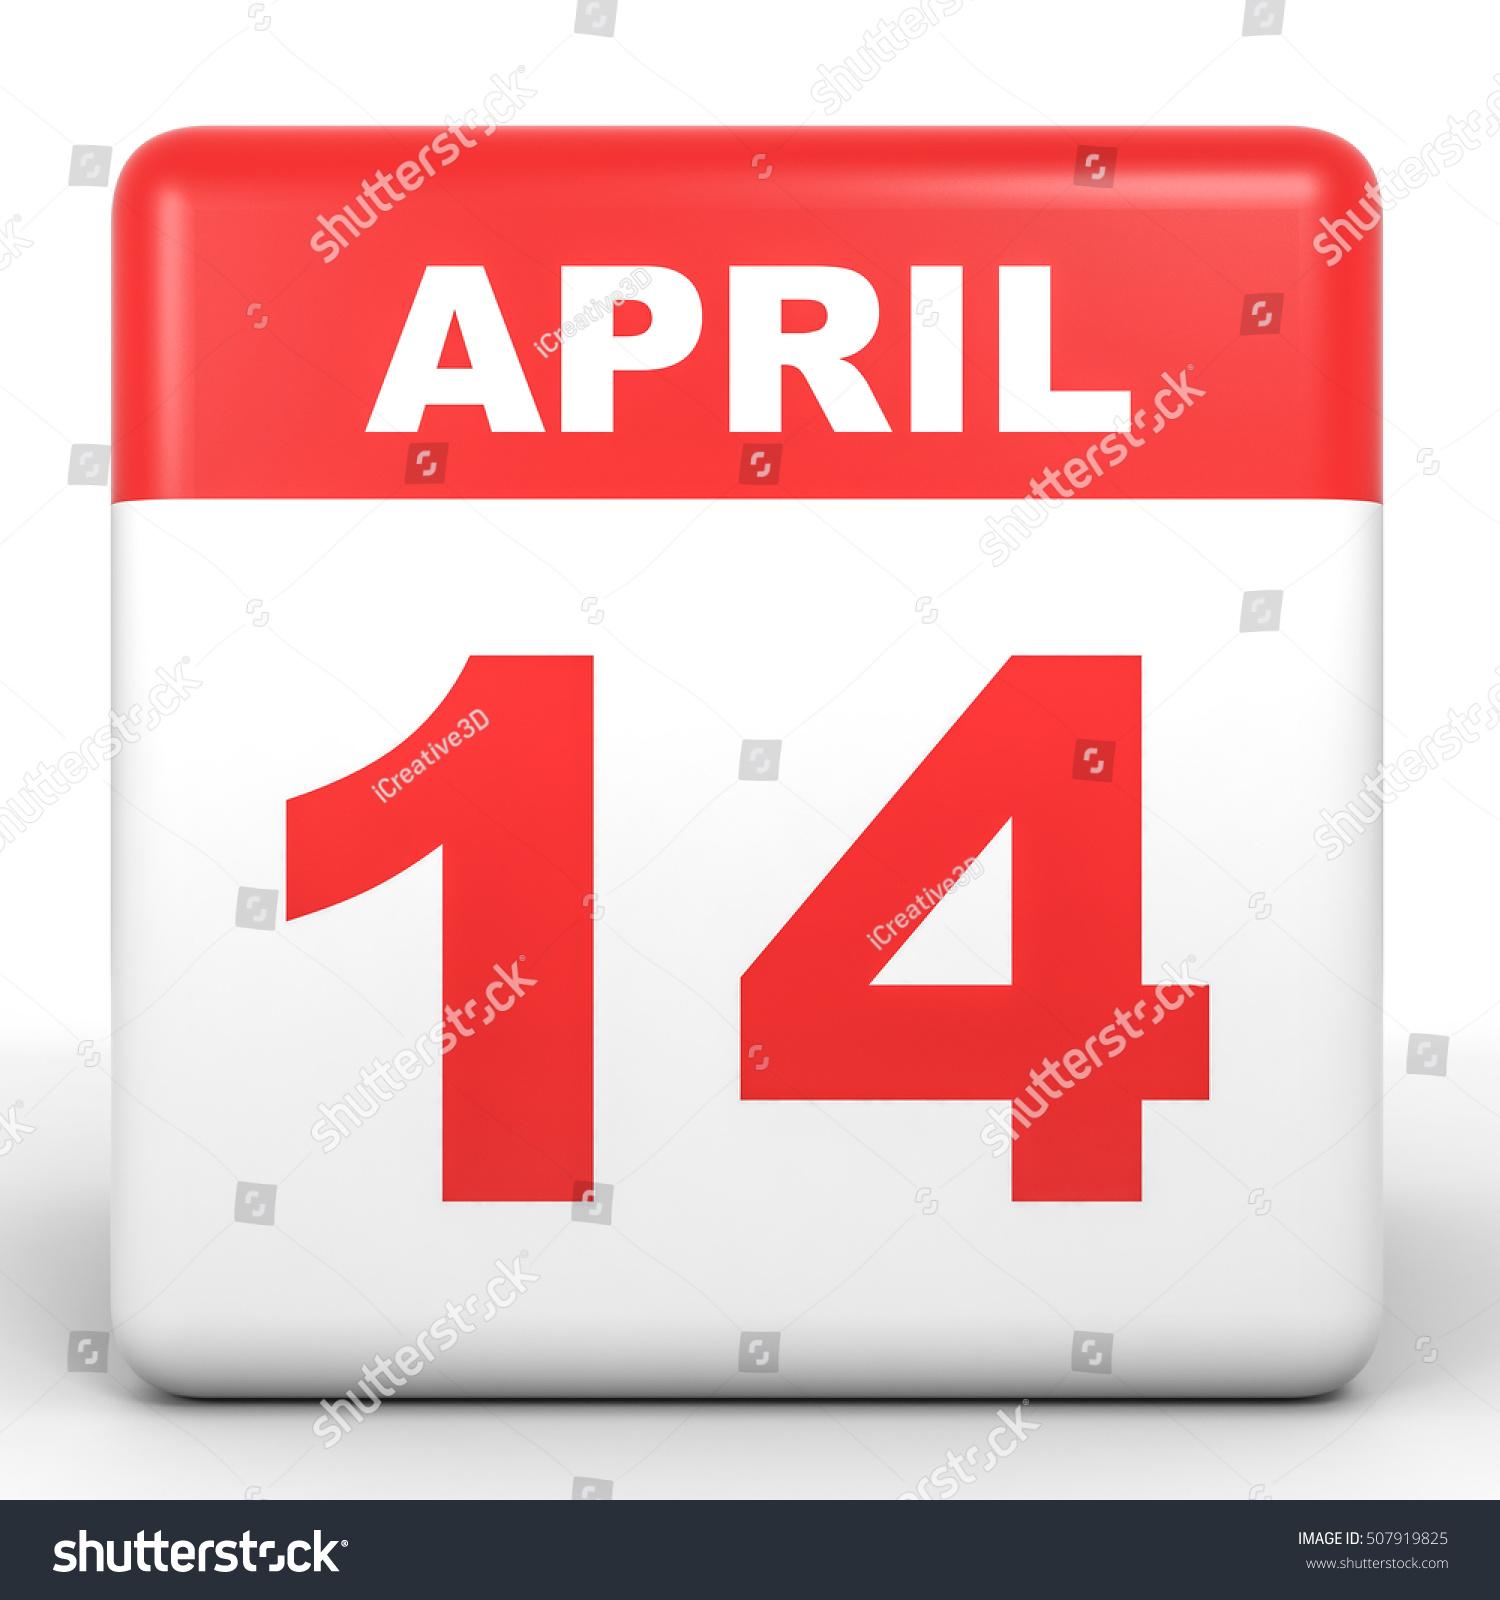 April Calendar Illustration : April calendar on white background d illustration